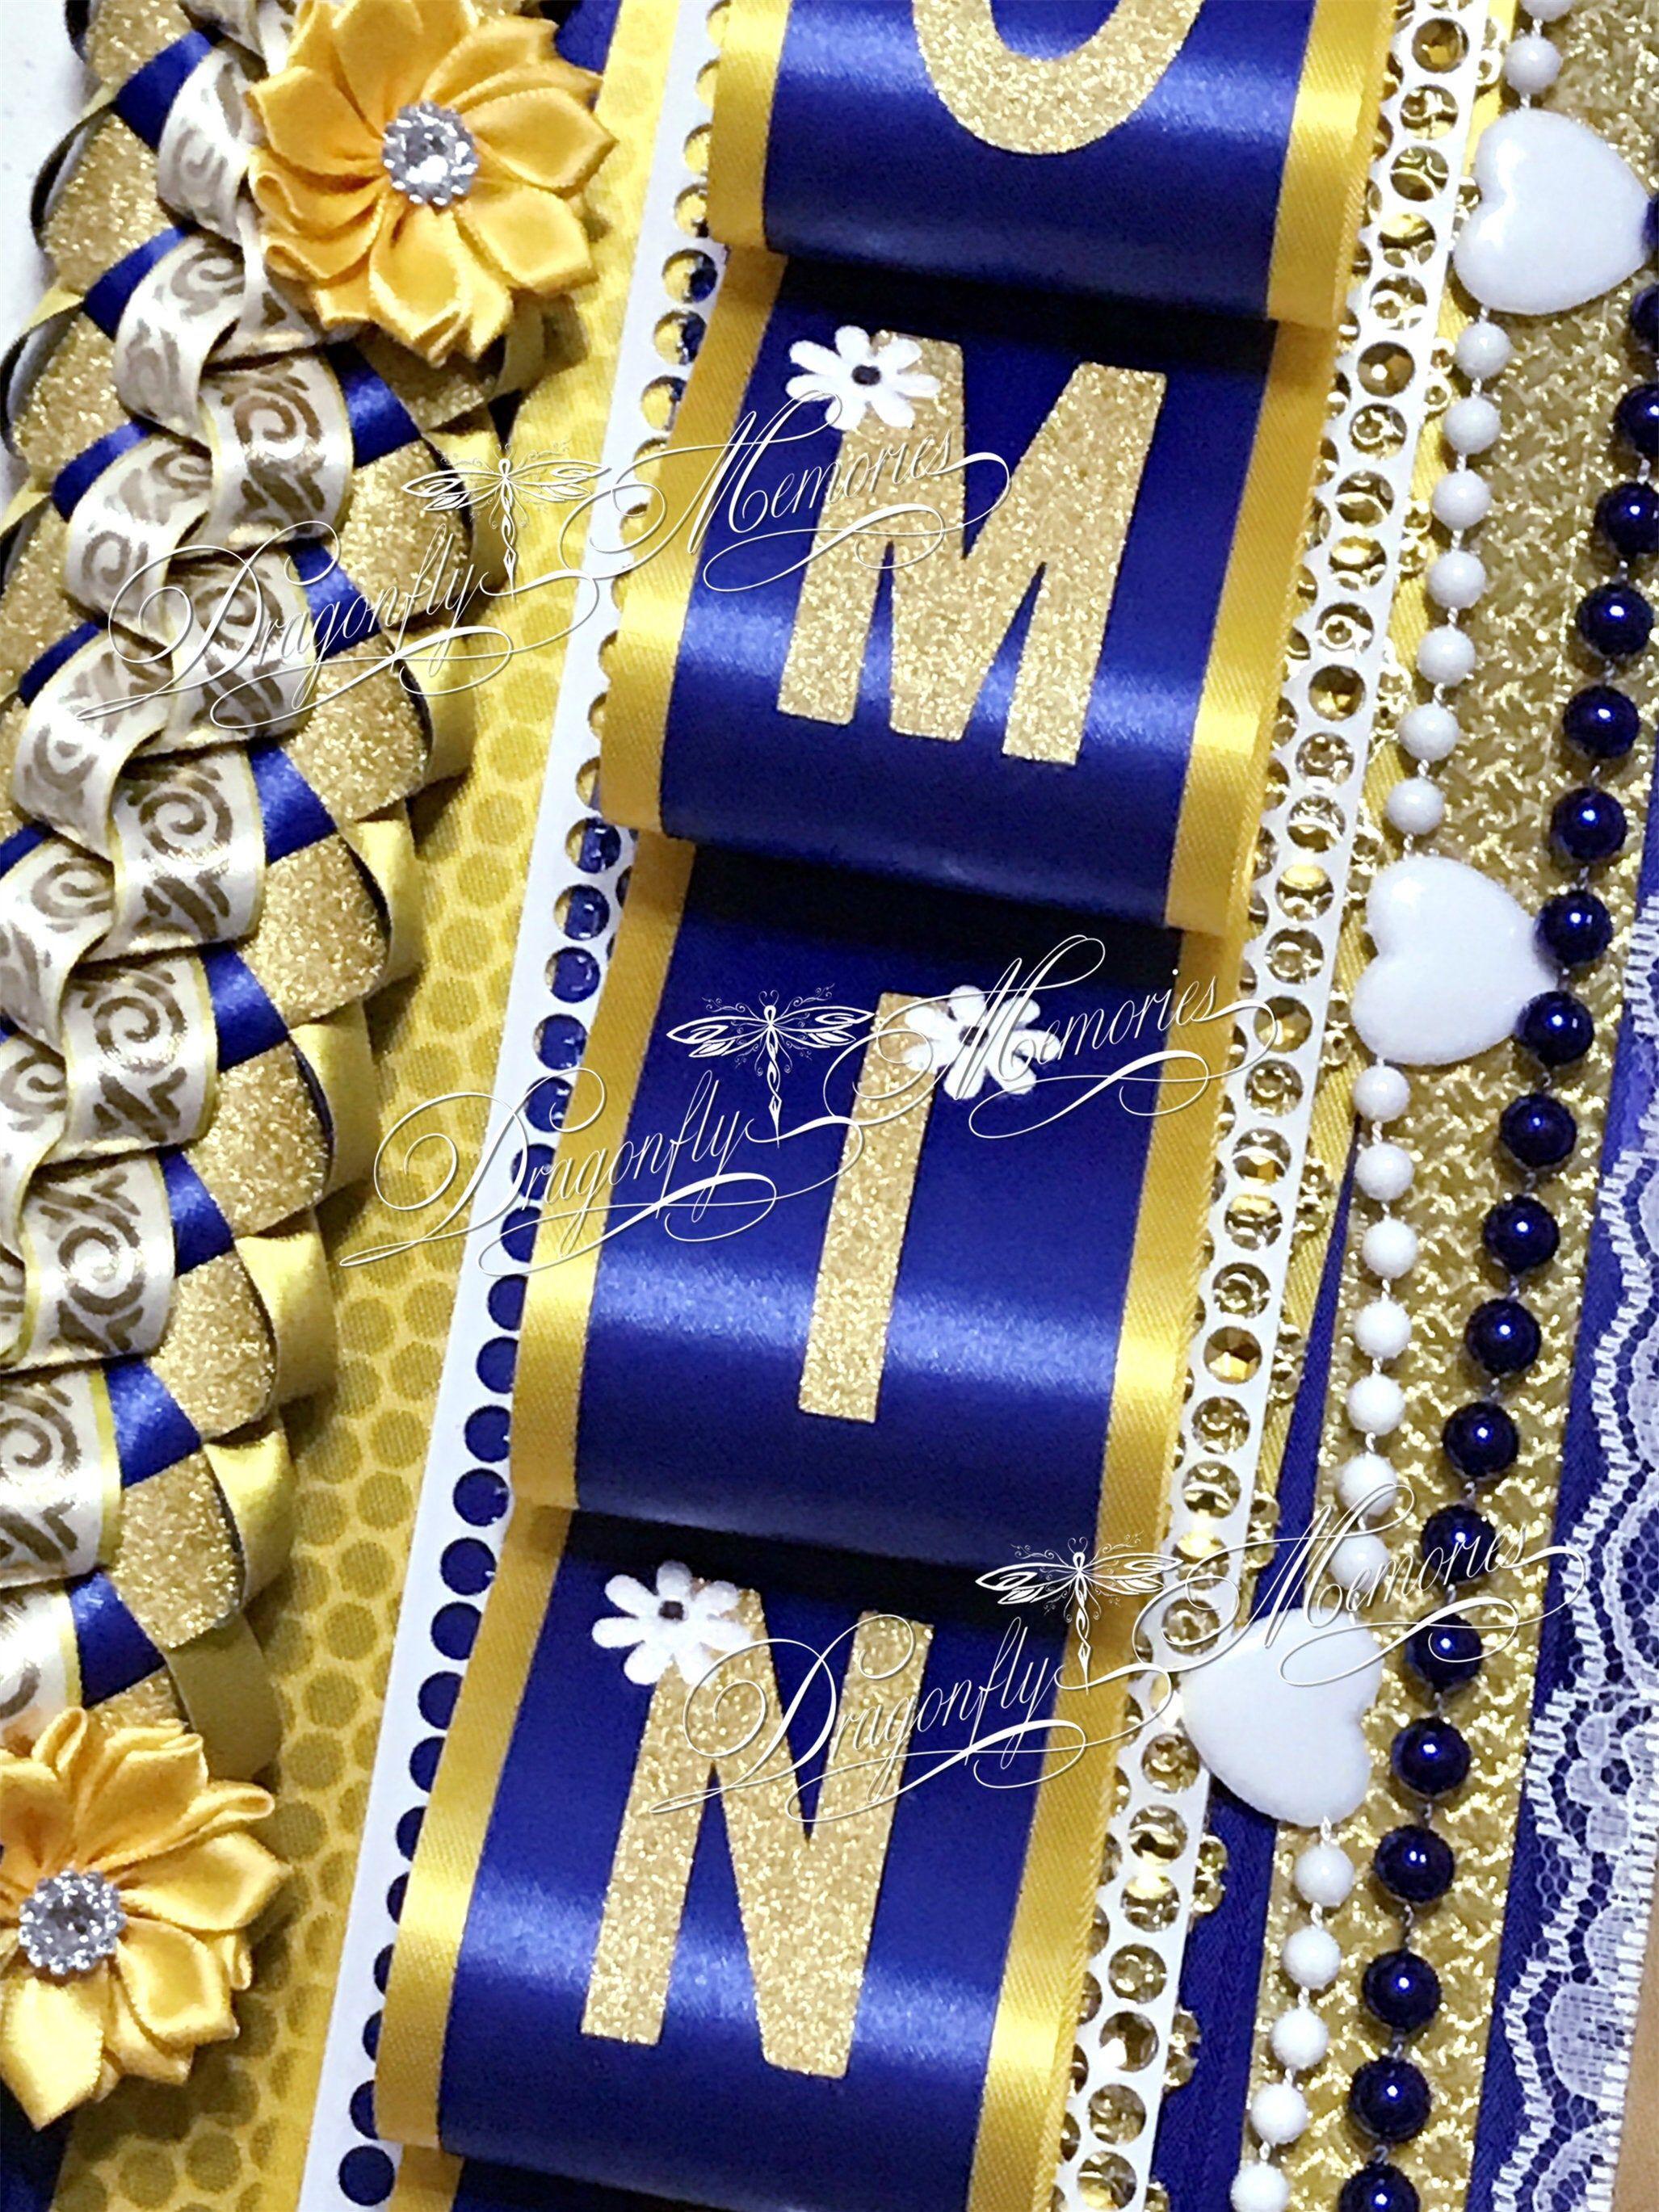 Waist length Personalized Band Homecoming Mum Junior Petite Single Homecoming Mum Sophomore Senior Texas Mum High School Mum Freshman